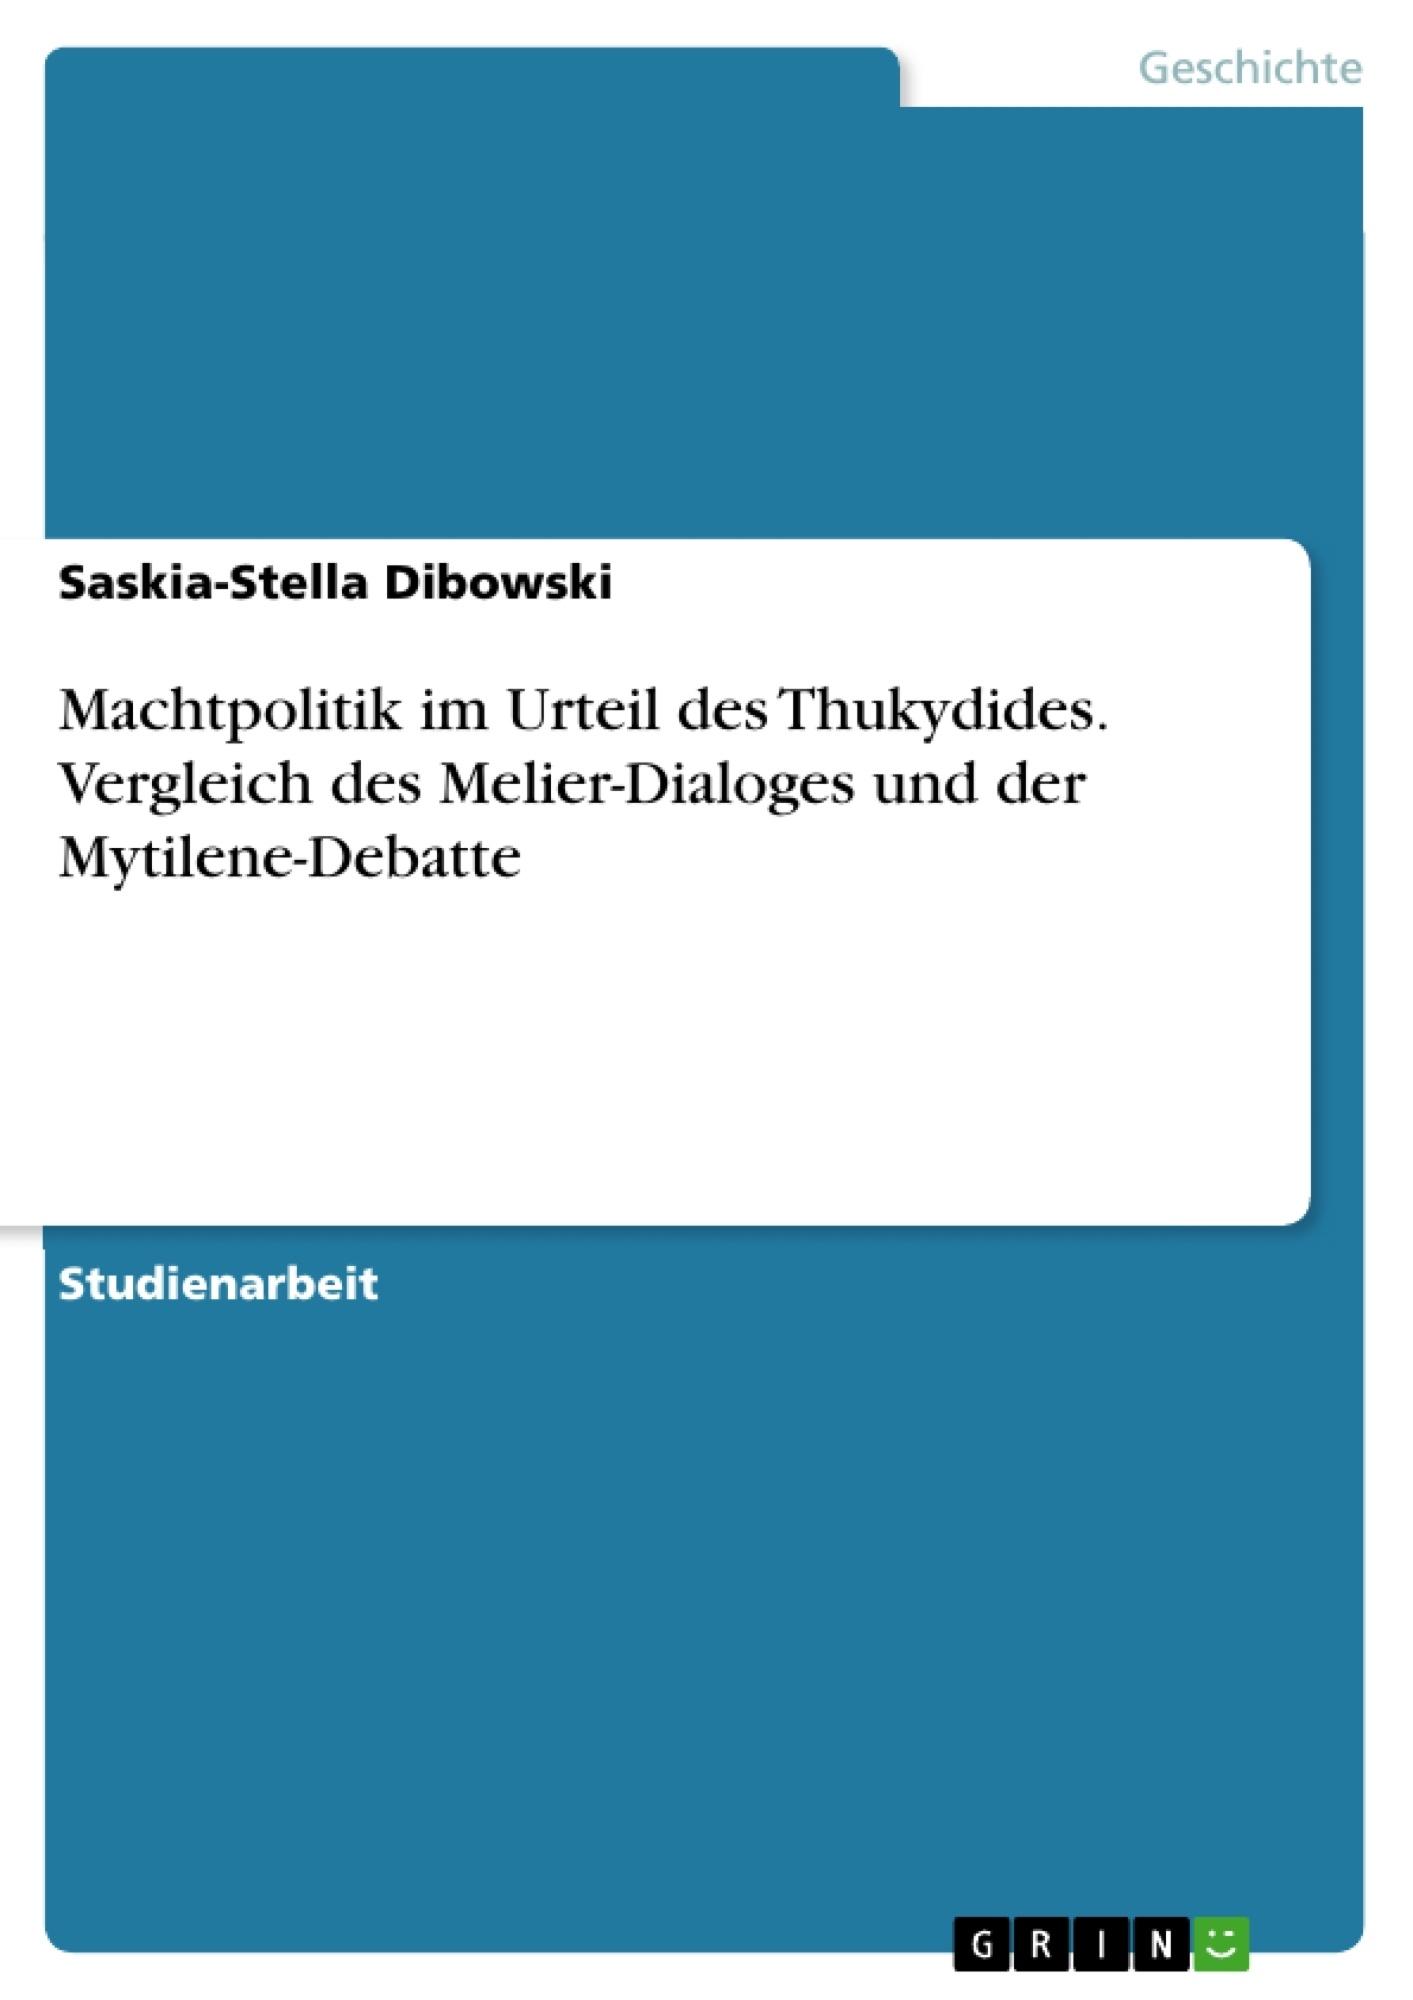 Titel: Machtpolitik im Urteil des Thukydides. Vergleich des Melier-Dialoges und der Mytilene-Debatte